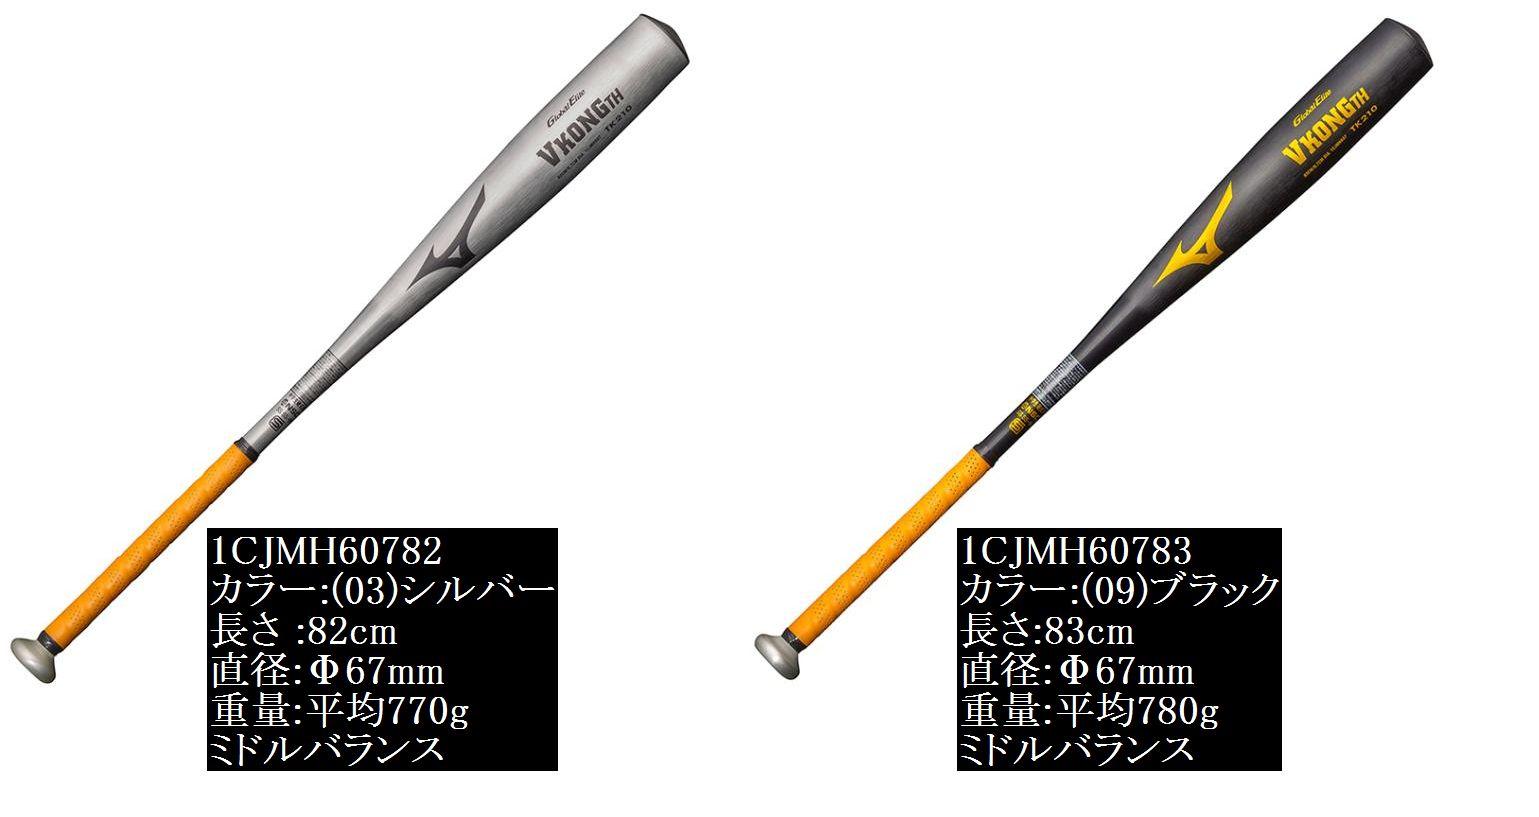 【Mizuno Global Elite~ミズノ・グローバルエリート】野球 中学硬式用 金属製バットVコングTH(金属製)[シルバー/82cm/平均770g][ブラック/83cm/平均780g](ミドルバランス)